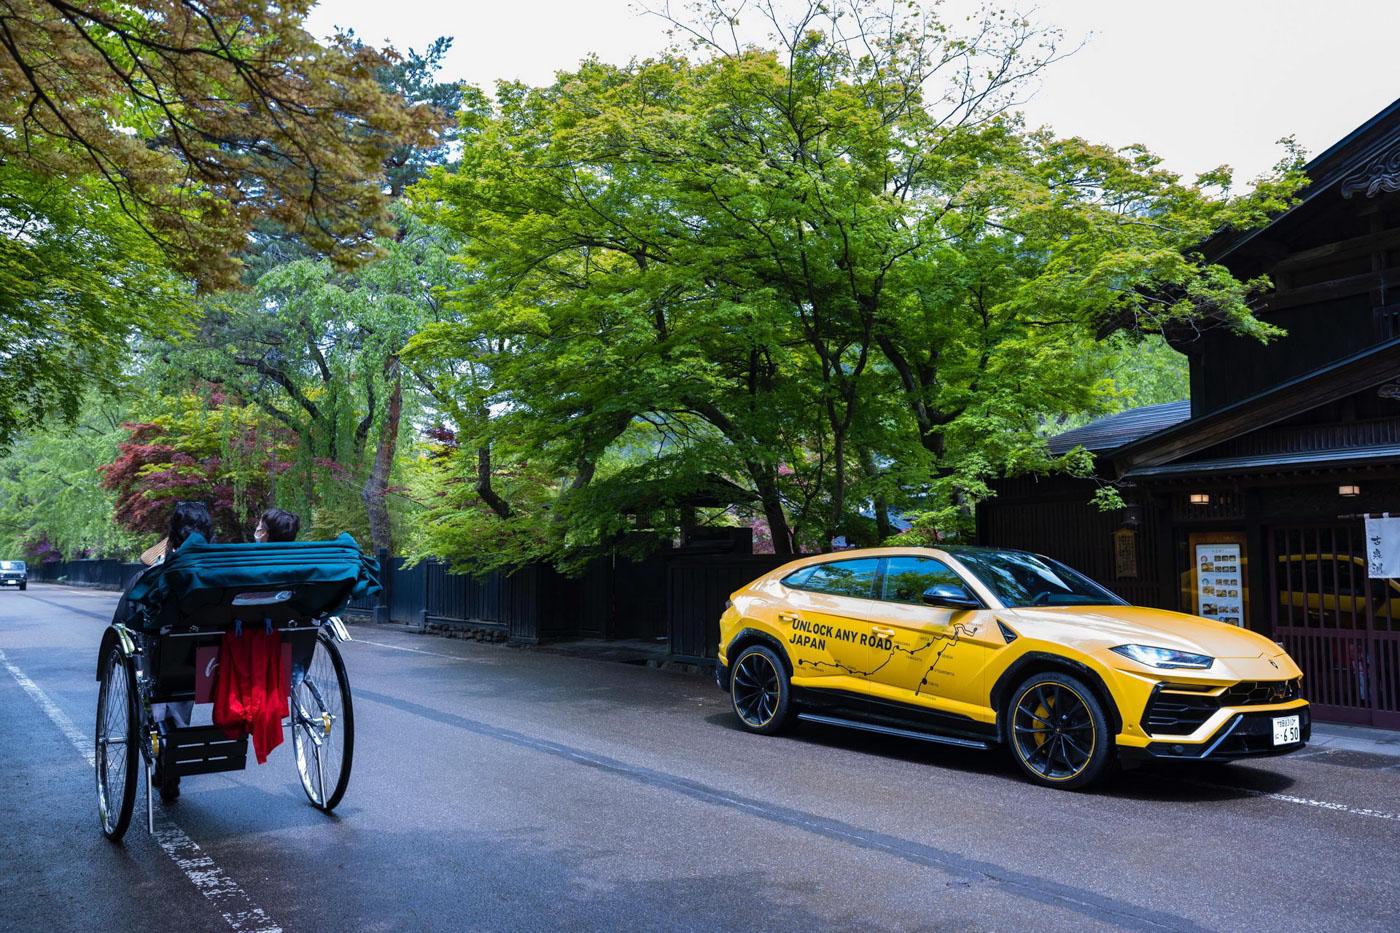 Bộ-đôi-Lamborghini-Urus-vượt-hơn-6.500-km-trong-hành-trình-xuyên-Nhật-Bản (38).jpg